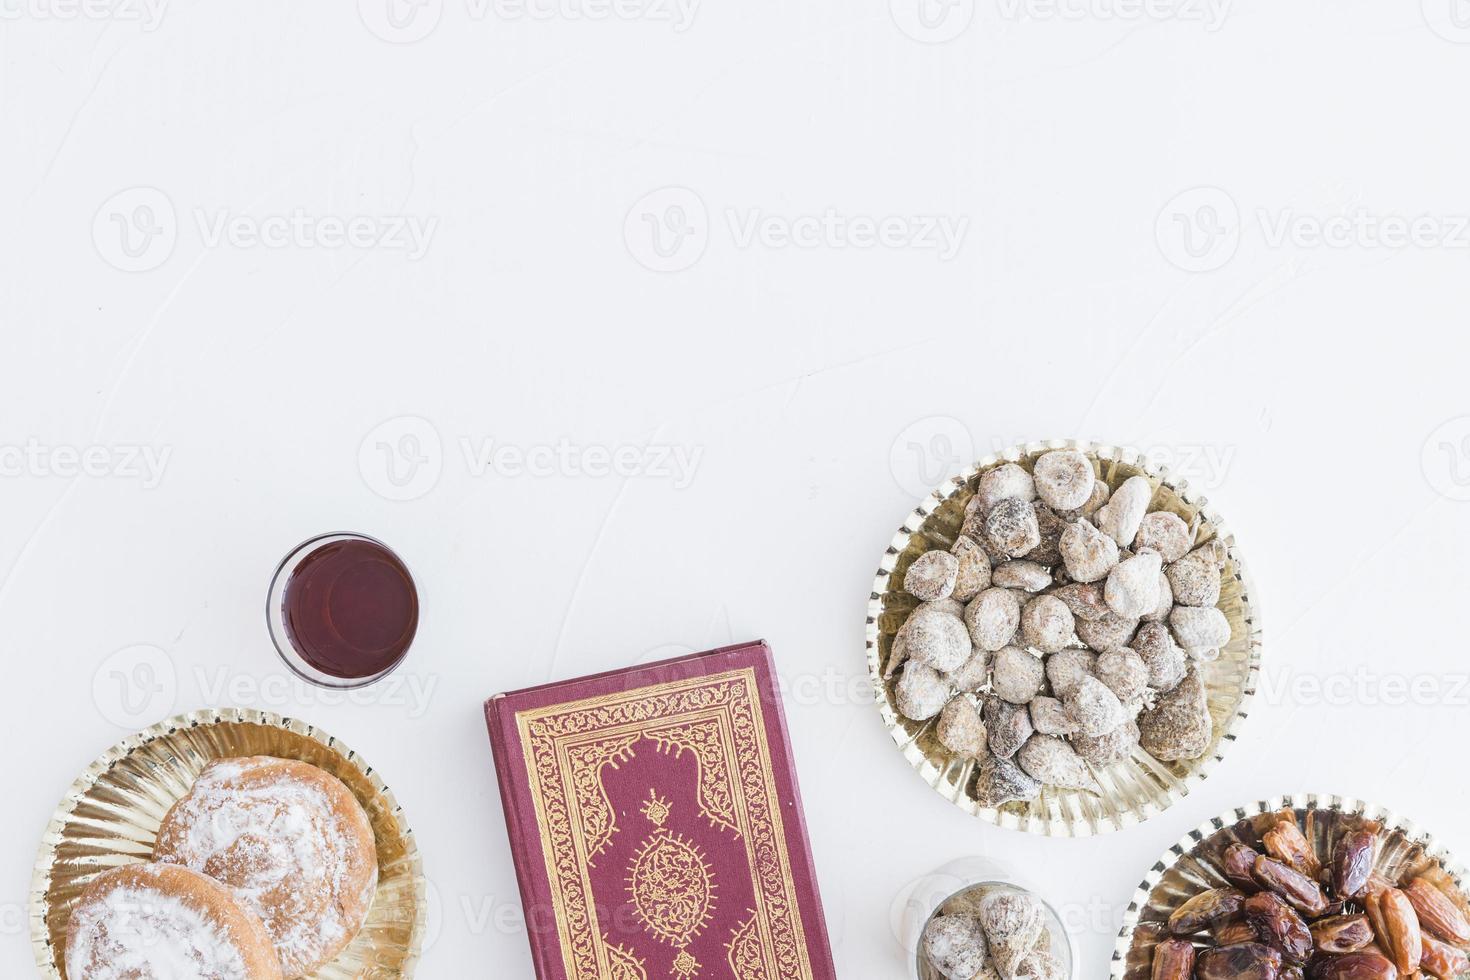 traditionelle Desserts und Koranbuch foto